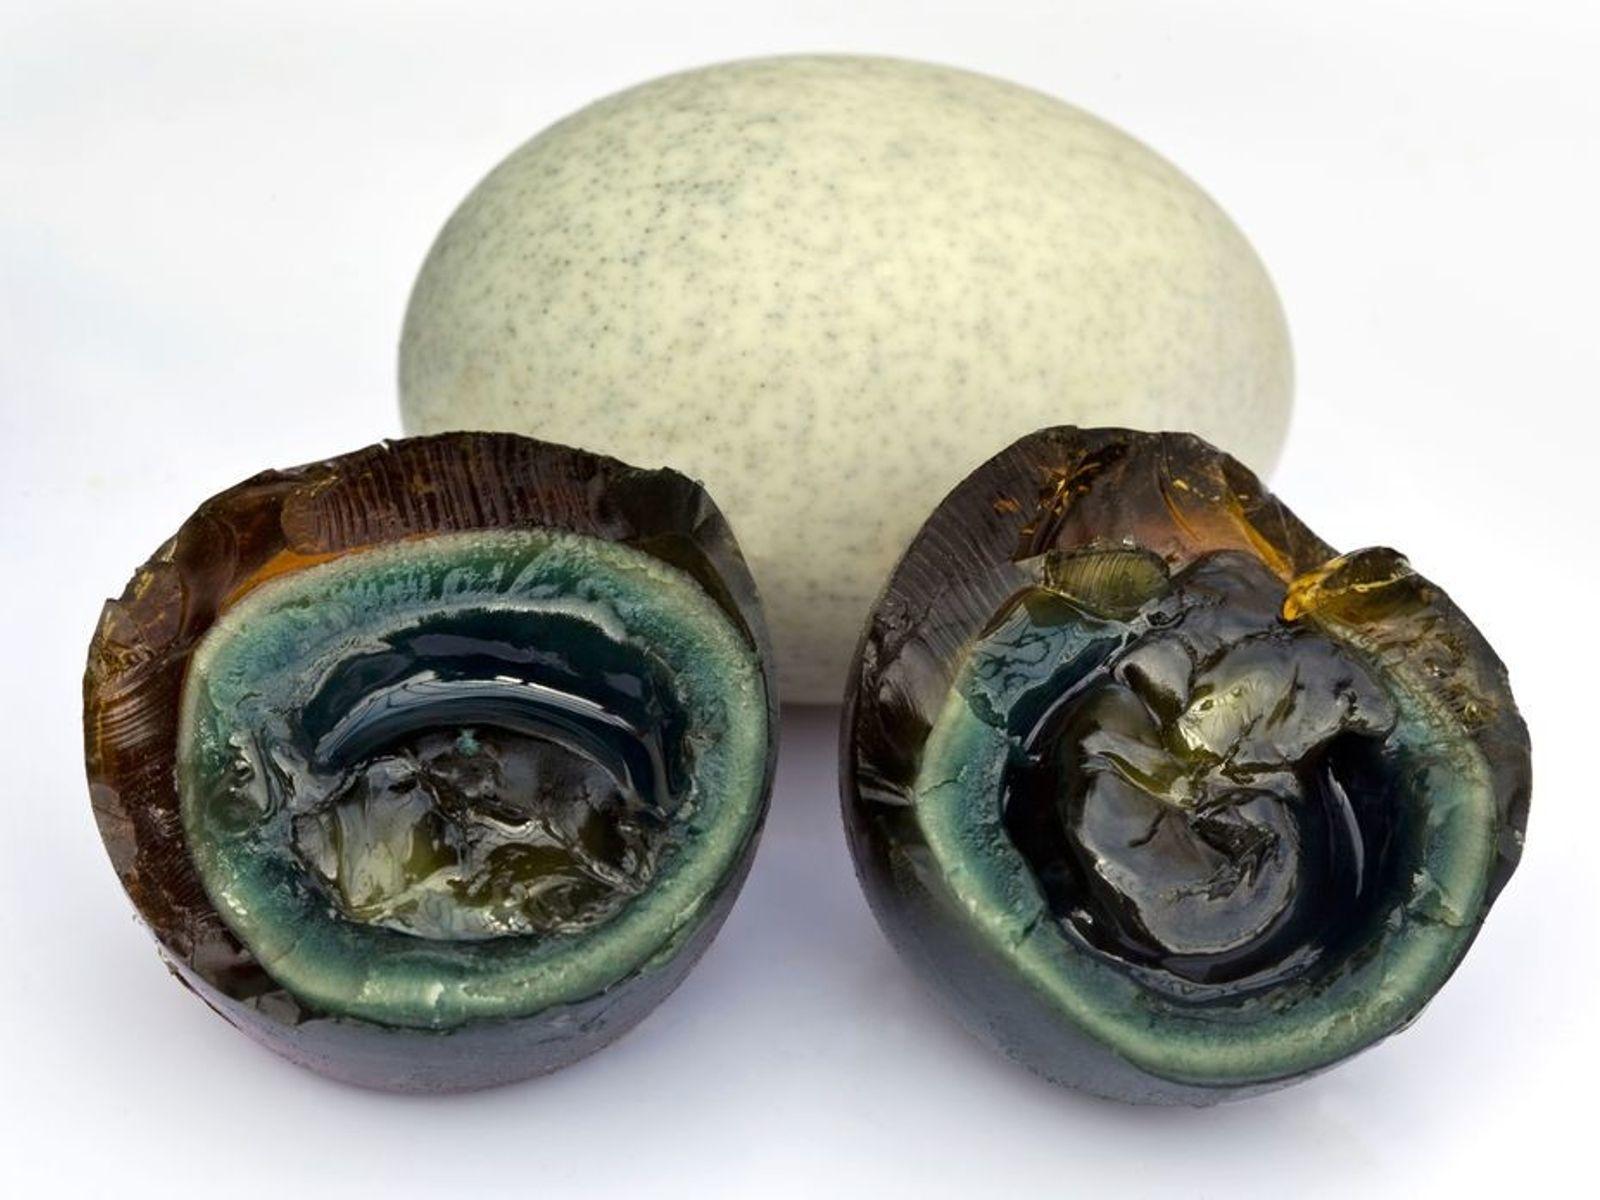 Tausendjährige Eier sind eine beliebte asiatische Delikatesse, die oft an Imbissständen als Streetfood angeboten wird. Am ...